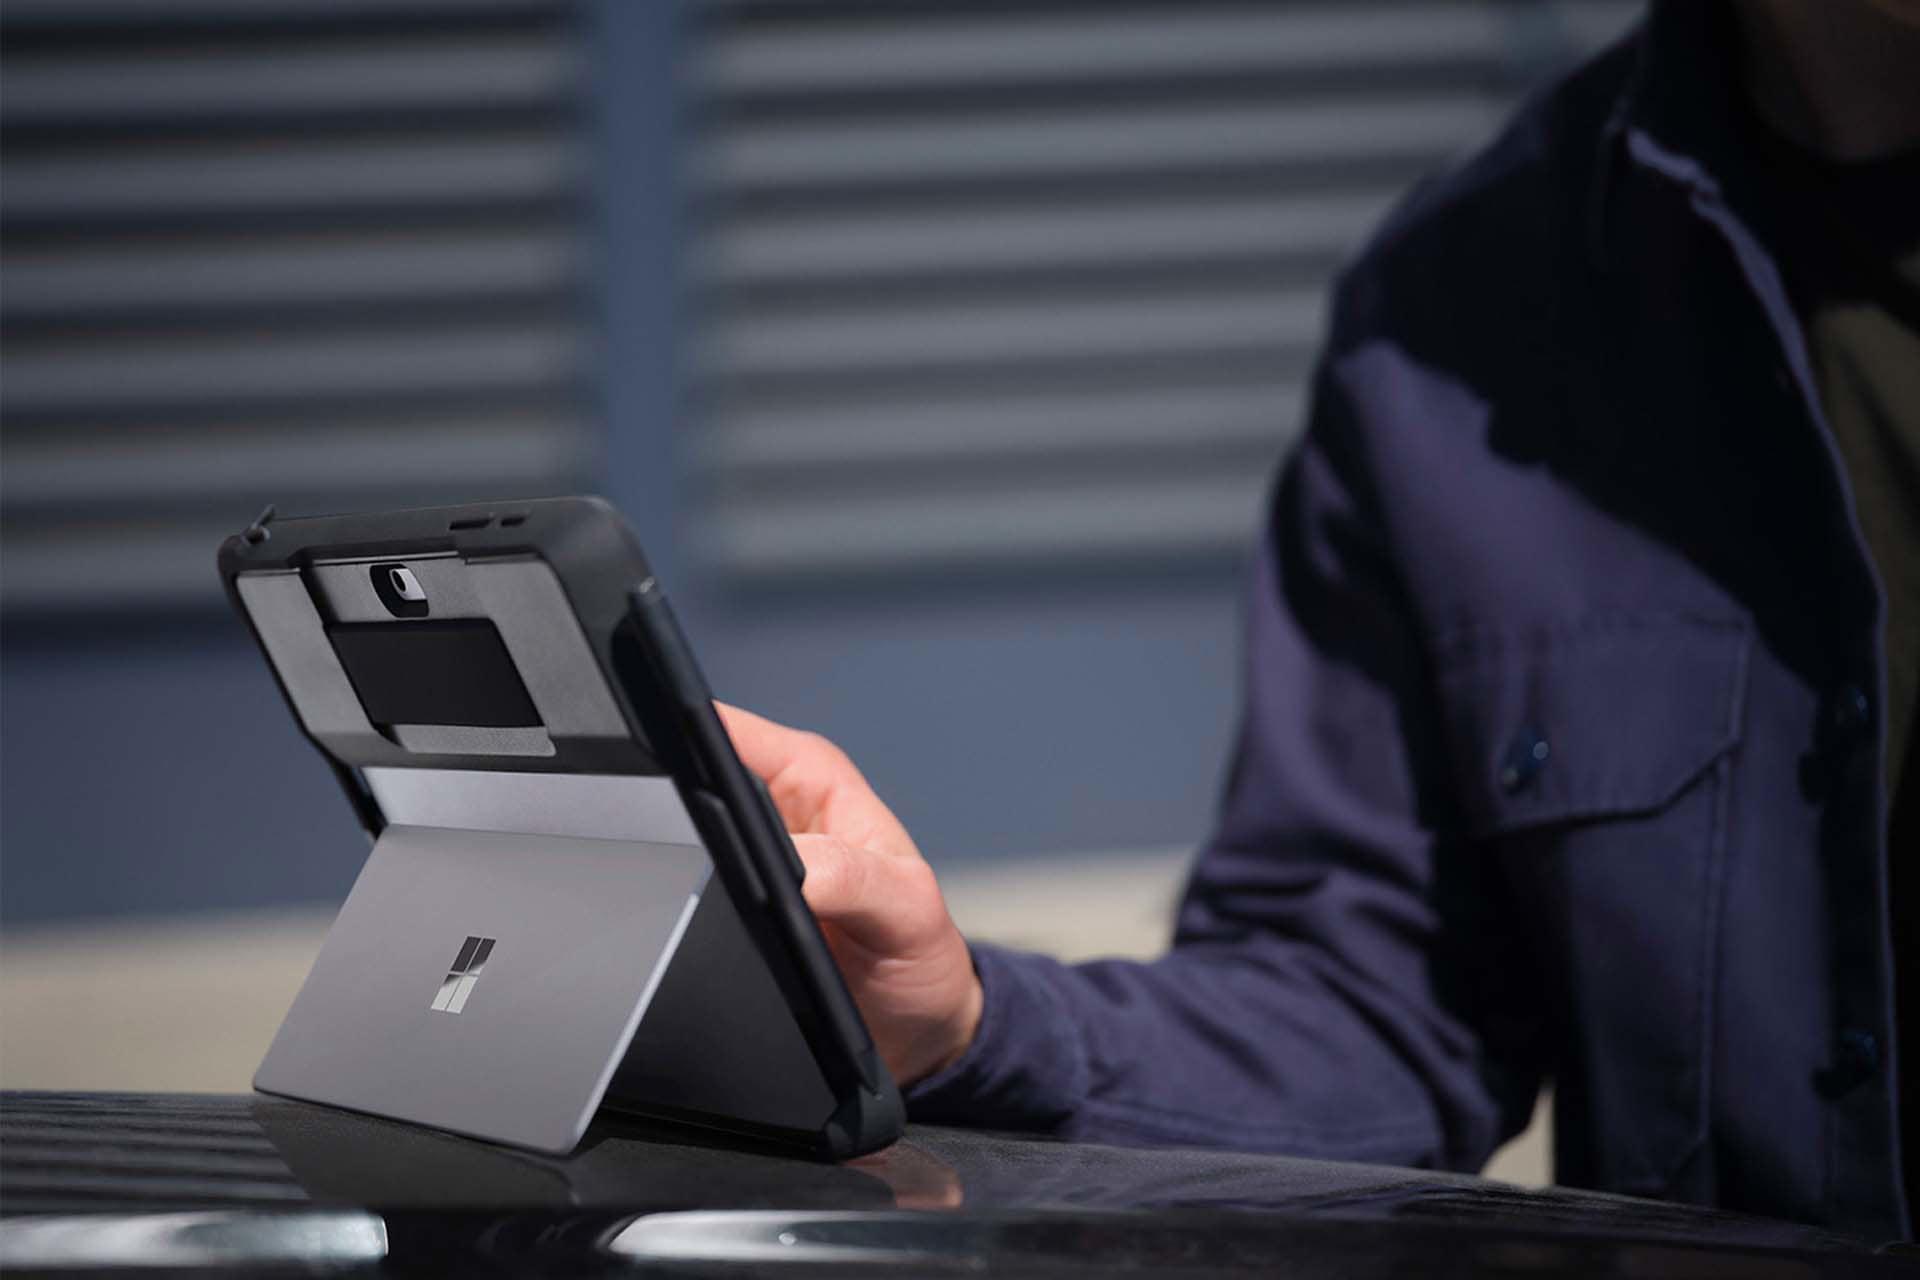 Henkilö koskettaa kotelossa olevaa Surface Go 3 -laitetta